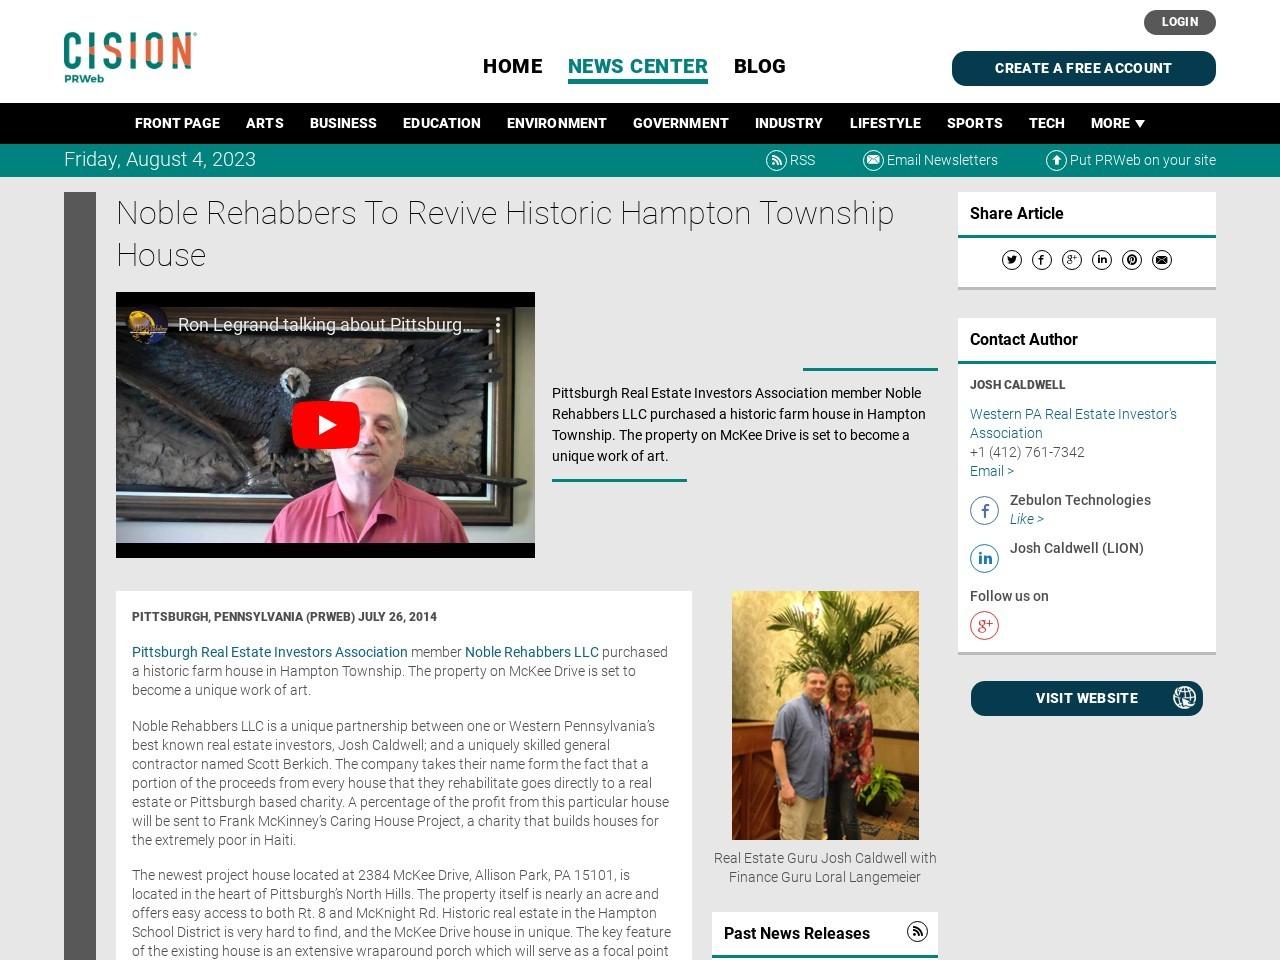 Noble Rehabbers To Revive Historic Hampton Township House